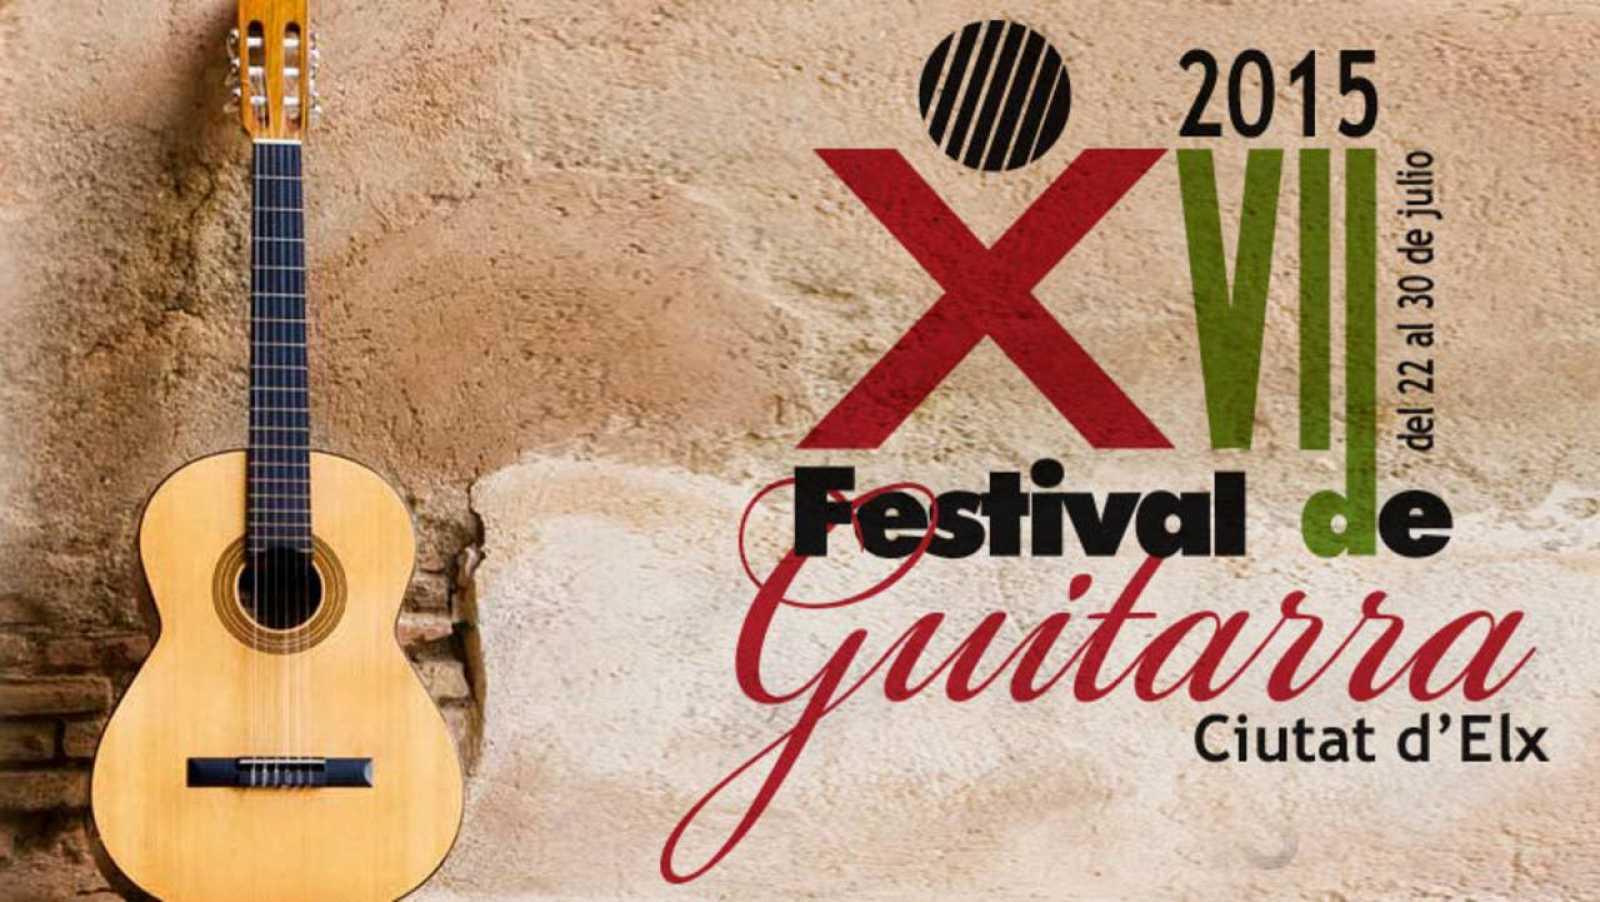 XVII edición del Festival de Guitarra Ciutat d'Elx